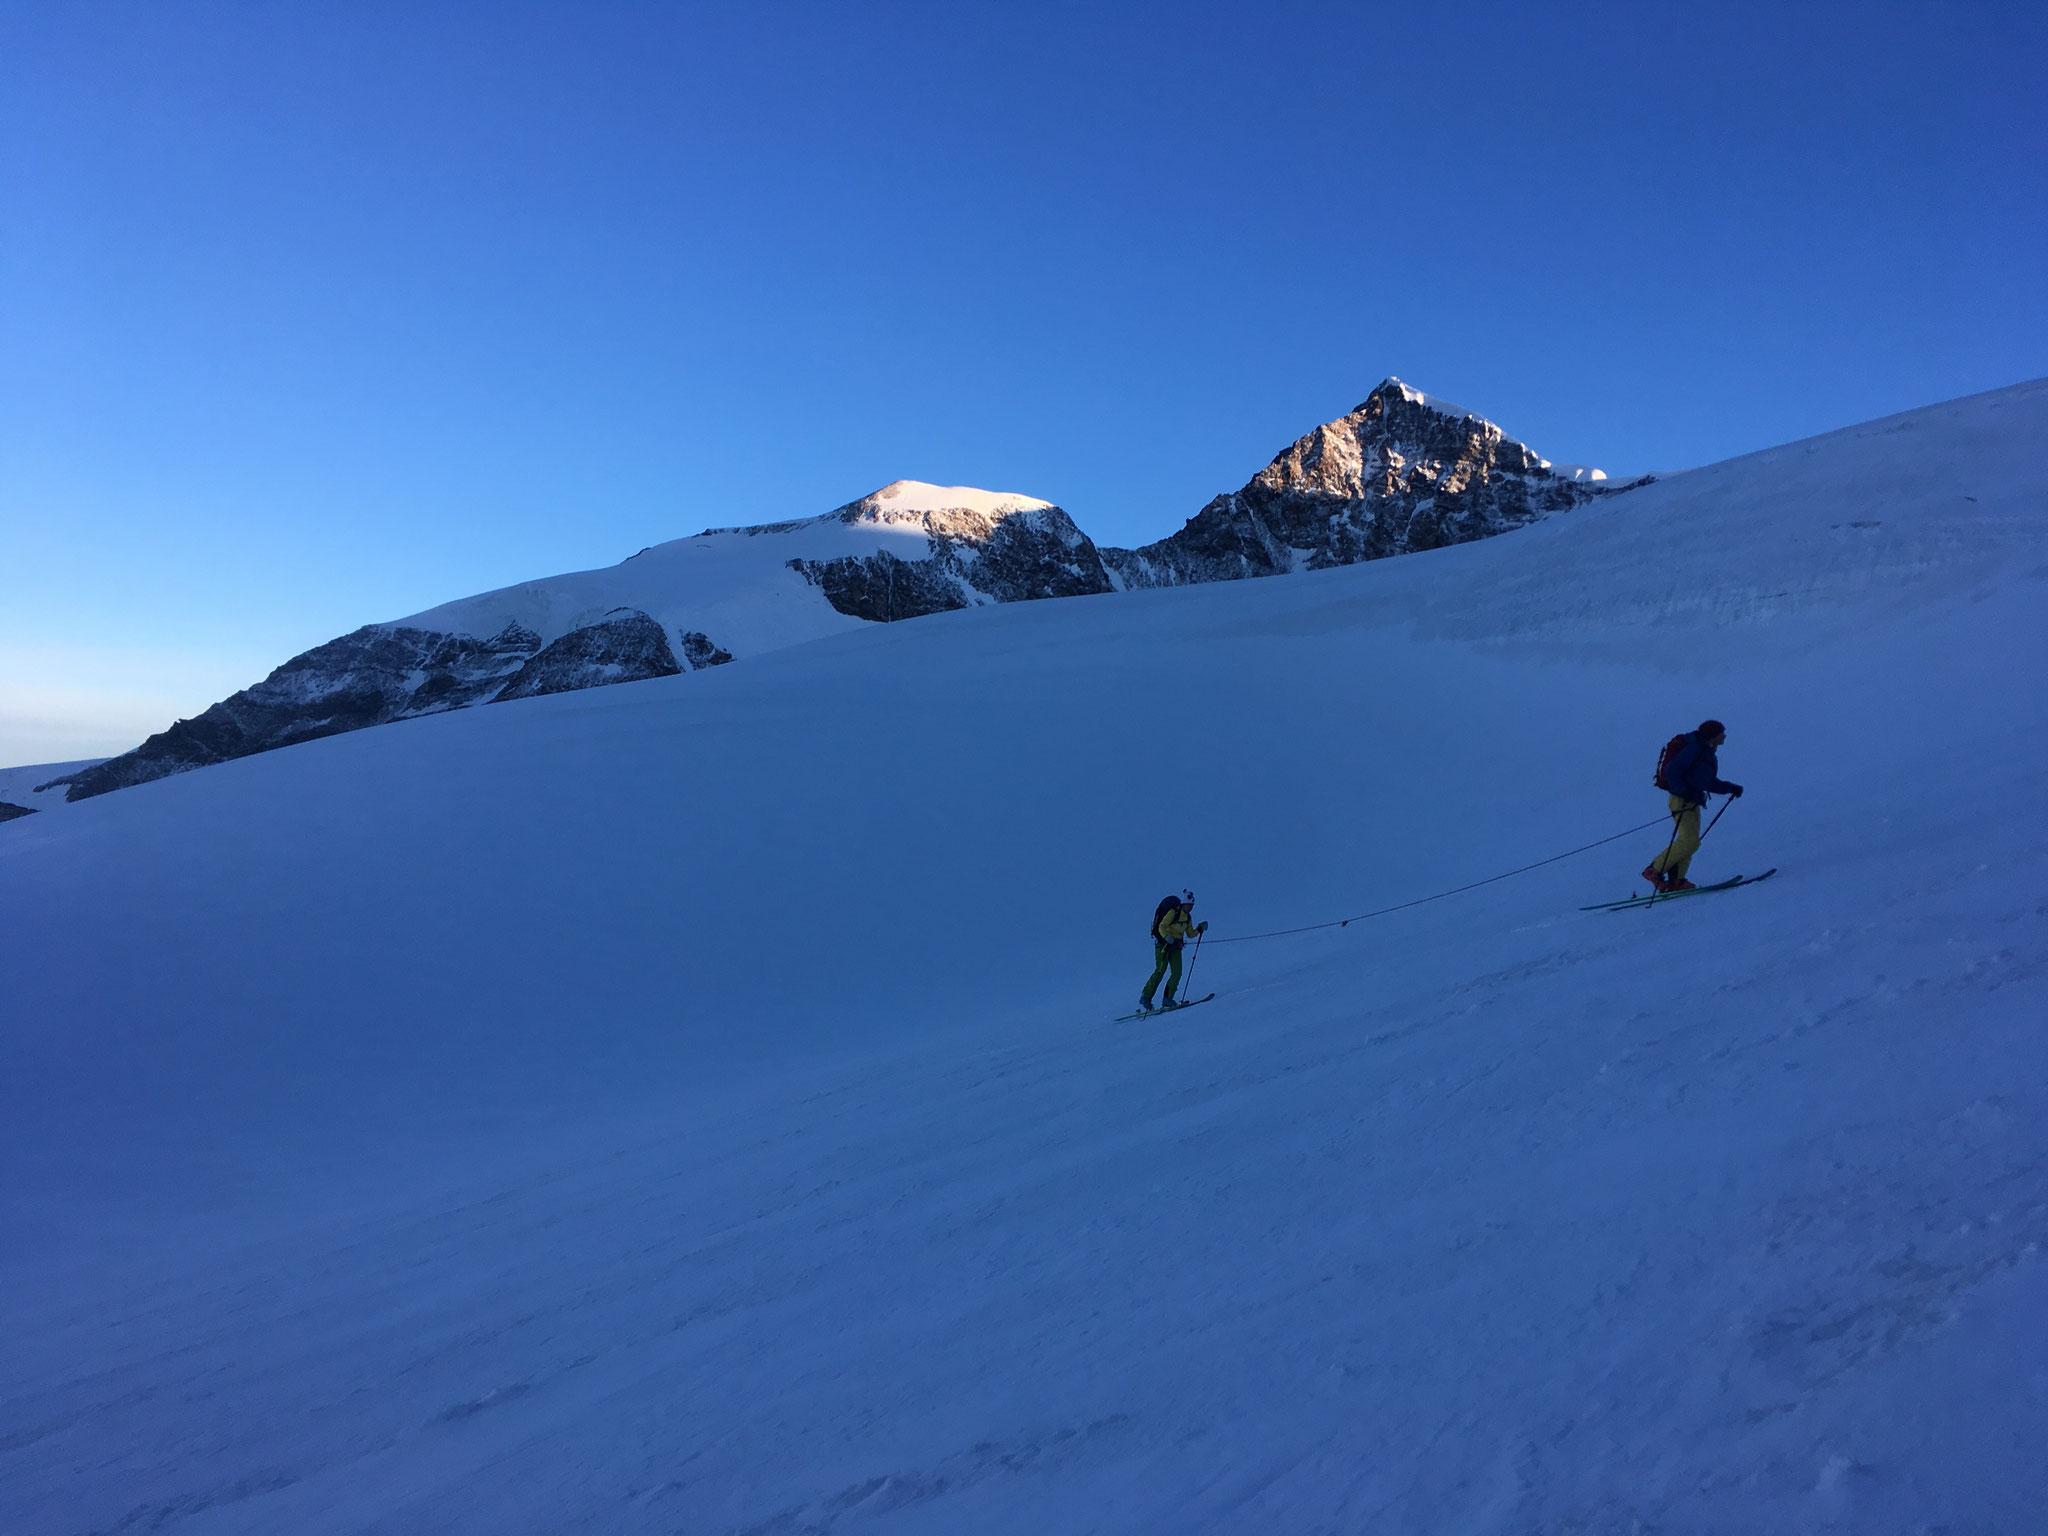 Au petit matin, les skieurs nous tiennent compagnie